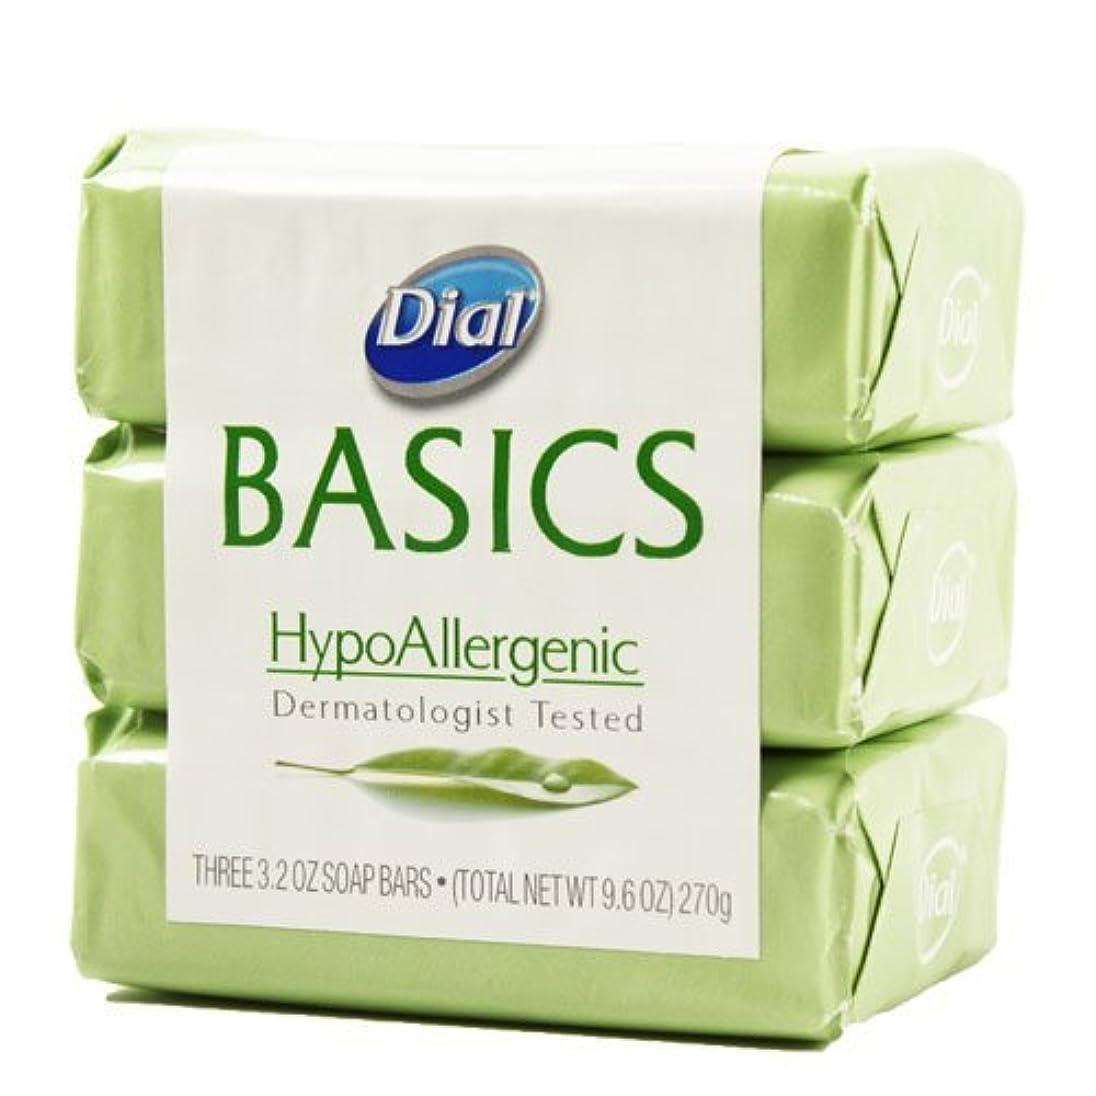 モナリザ腐食する夕方Dial Basics HypoAllergenic Dermatologist Tested Bar Soap, 3.2 oz (18 Bars) by Basics